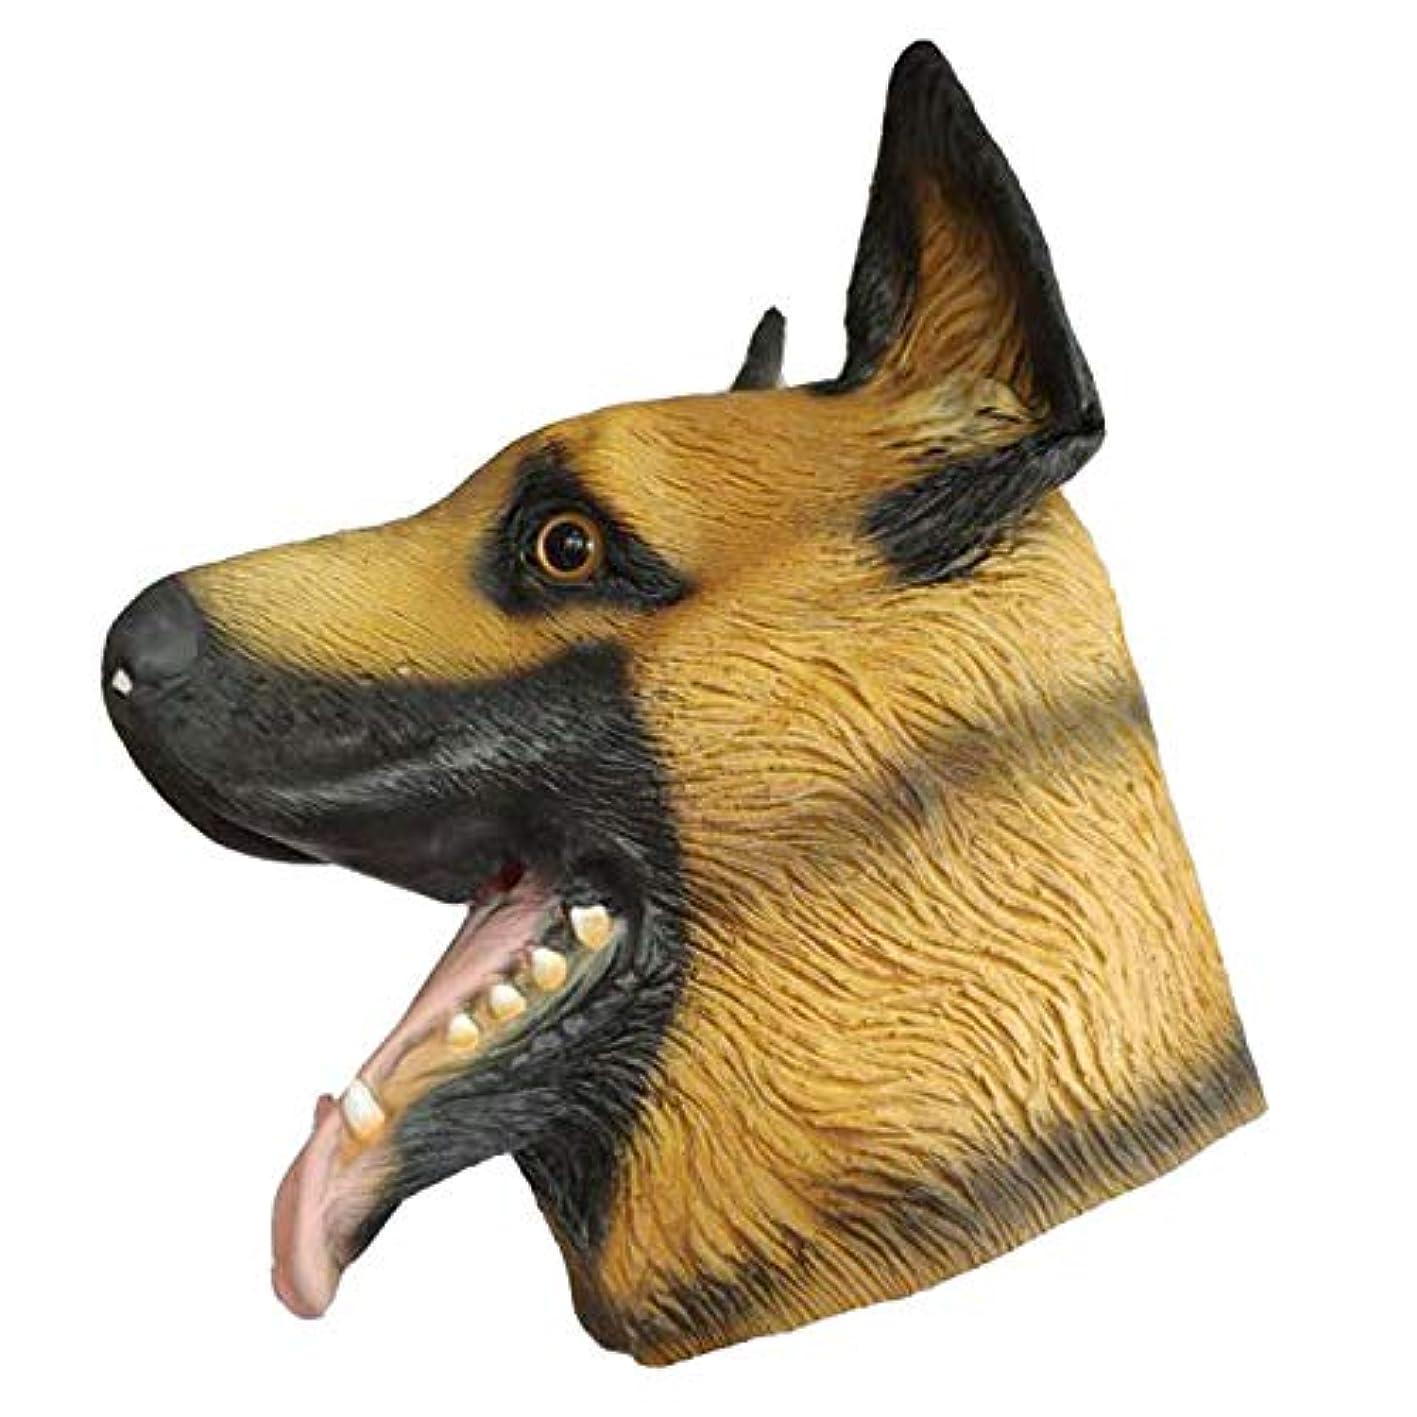 火山学者運搬プレゼンターおかしいオオカミ犬の頭マスク動物の帽子ギア警察犬犬パーティーパフォーマンス小道具カーニバルハロウィーンボールドレスアップ